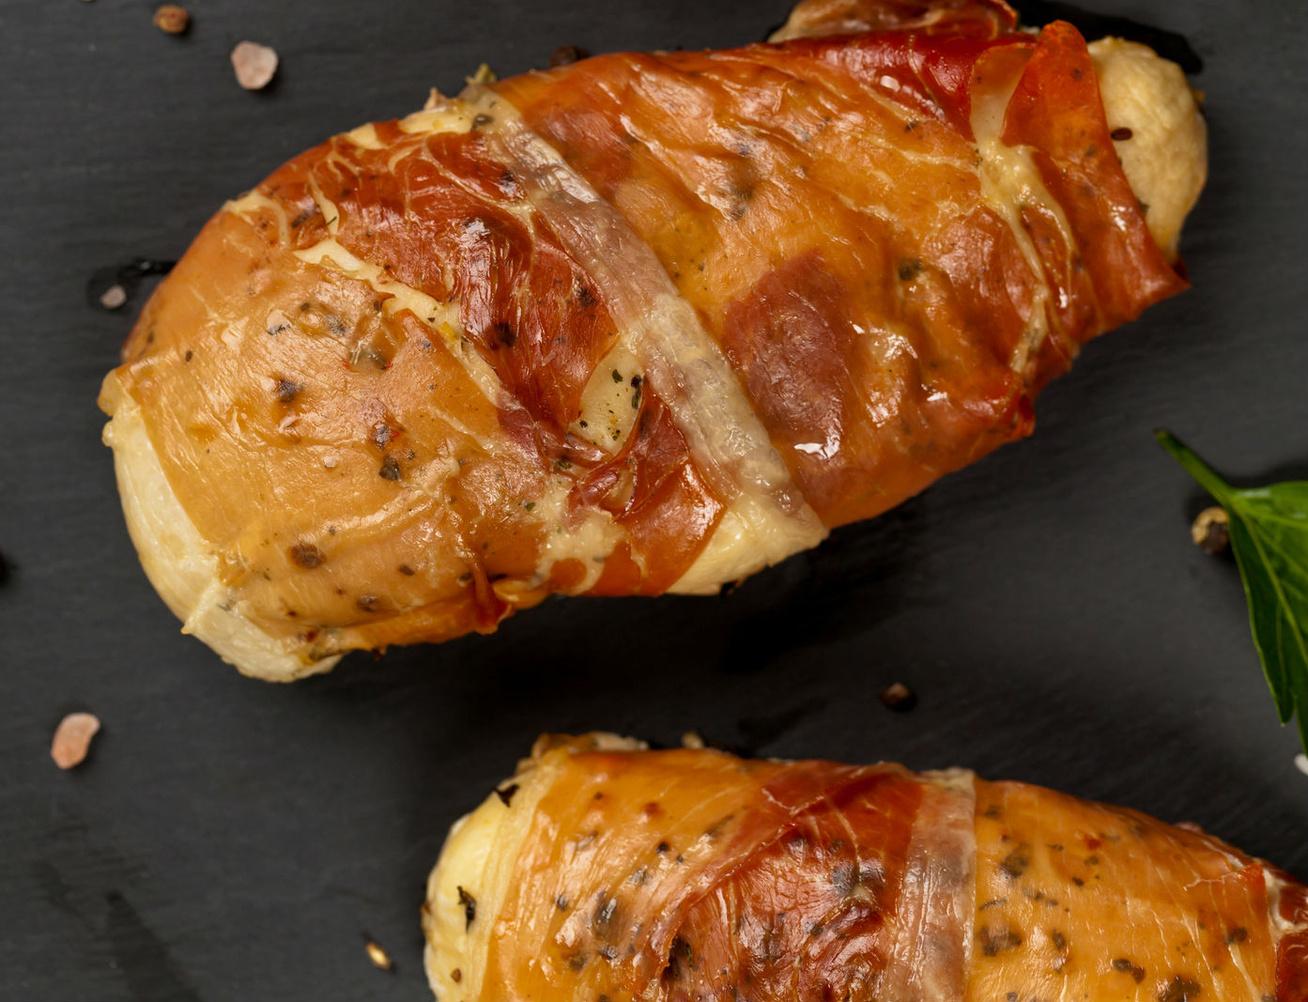 Baconbundában sült, fűszeres csirkemell: szétomlik a szádban a hús